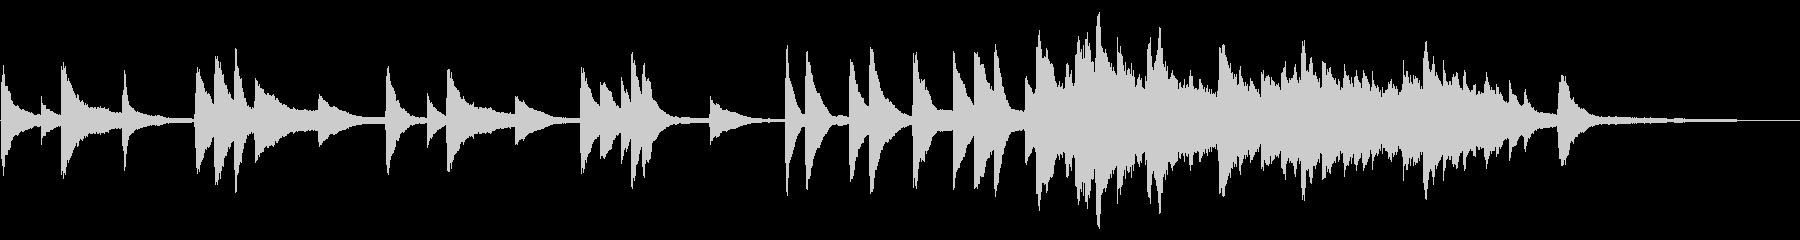 SNS広告 ピアノメイン 感動の未再生の波形